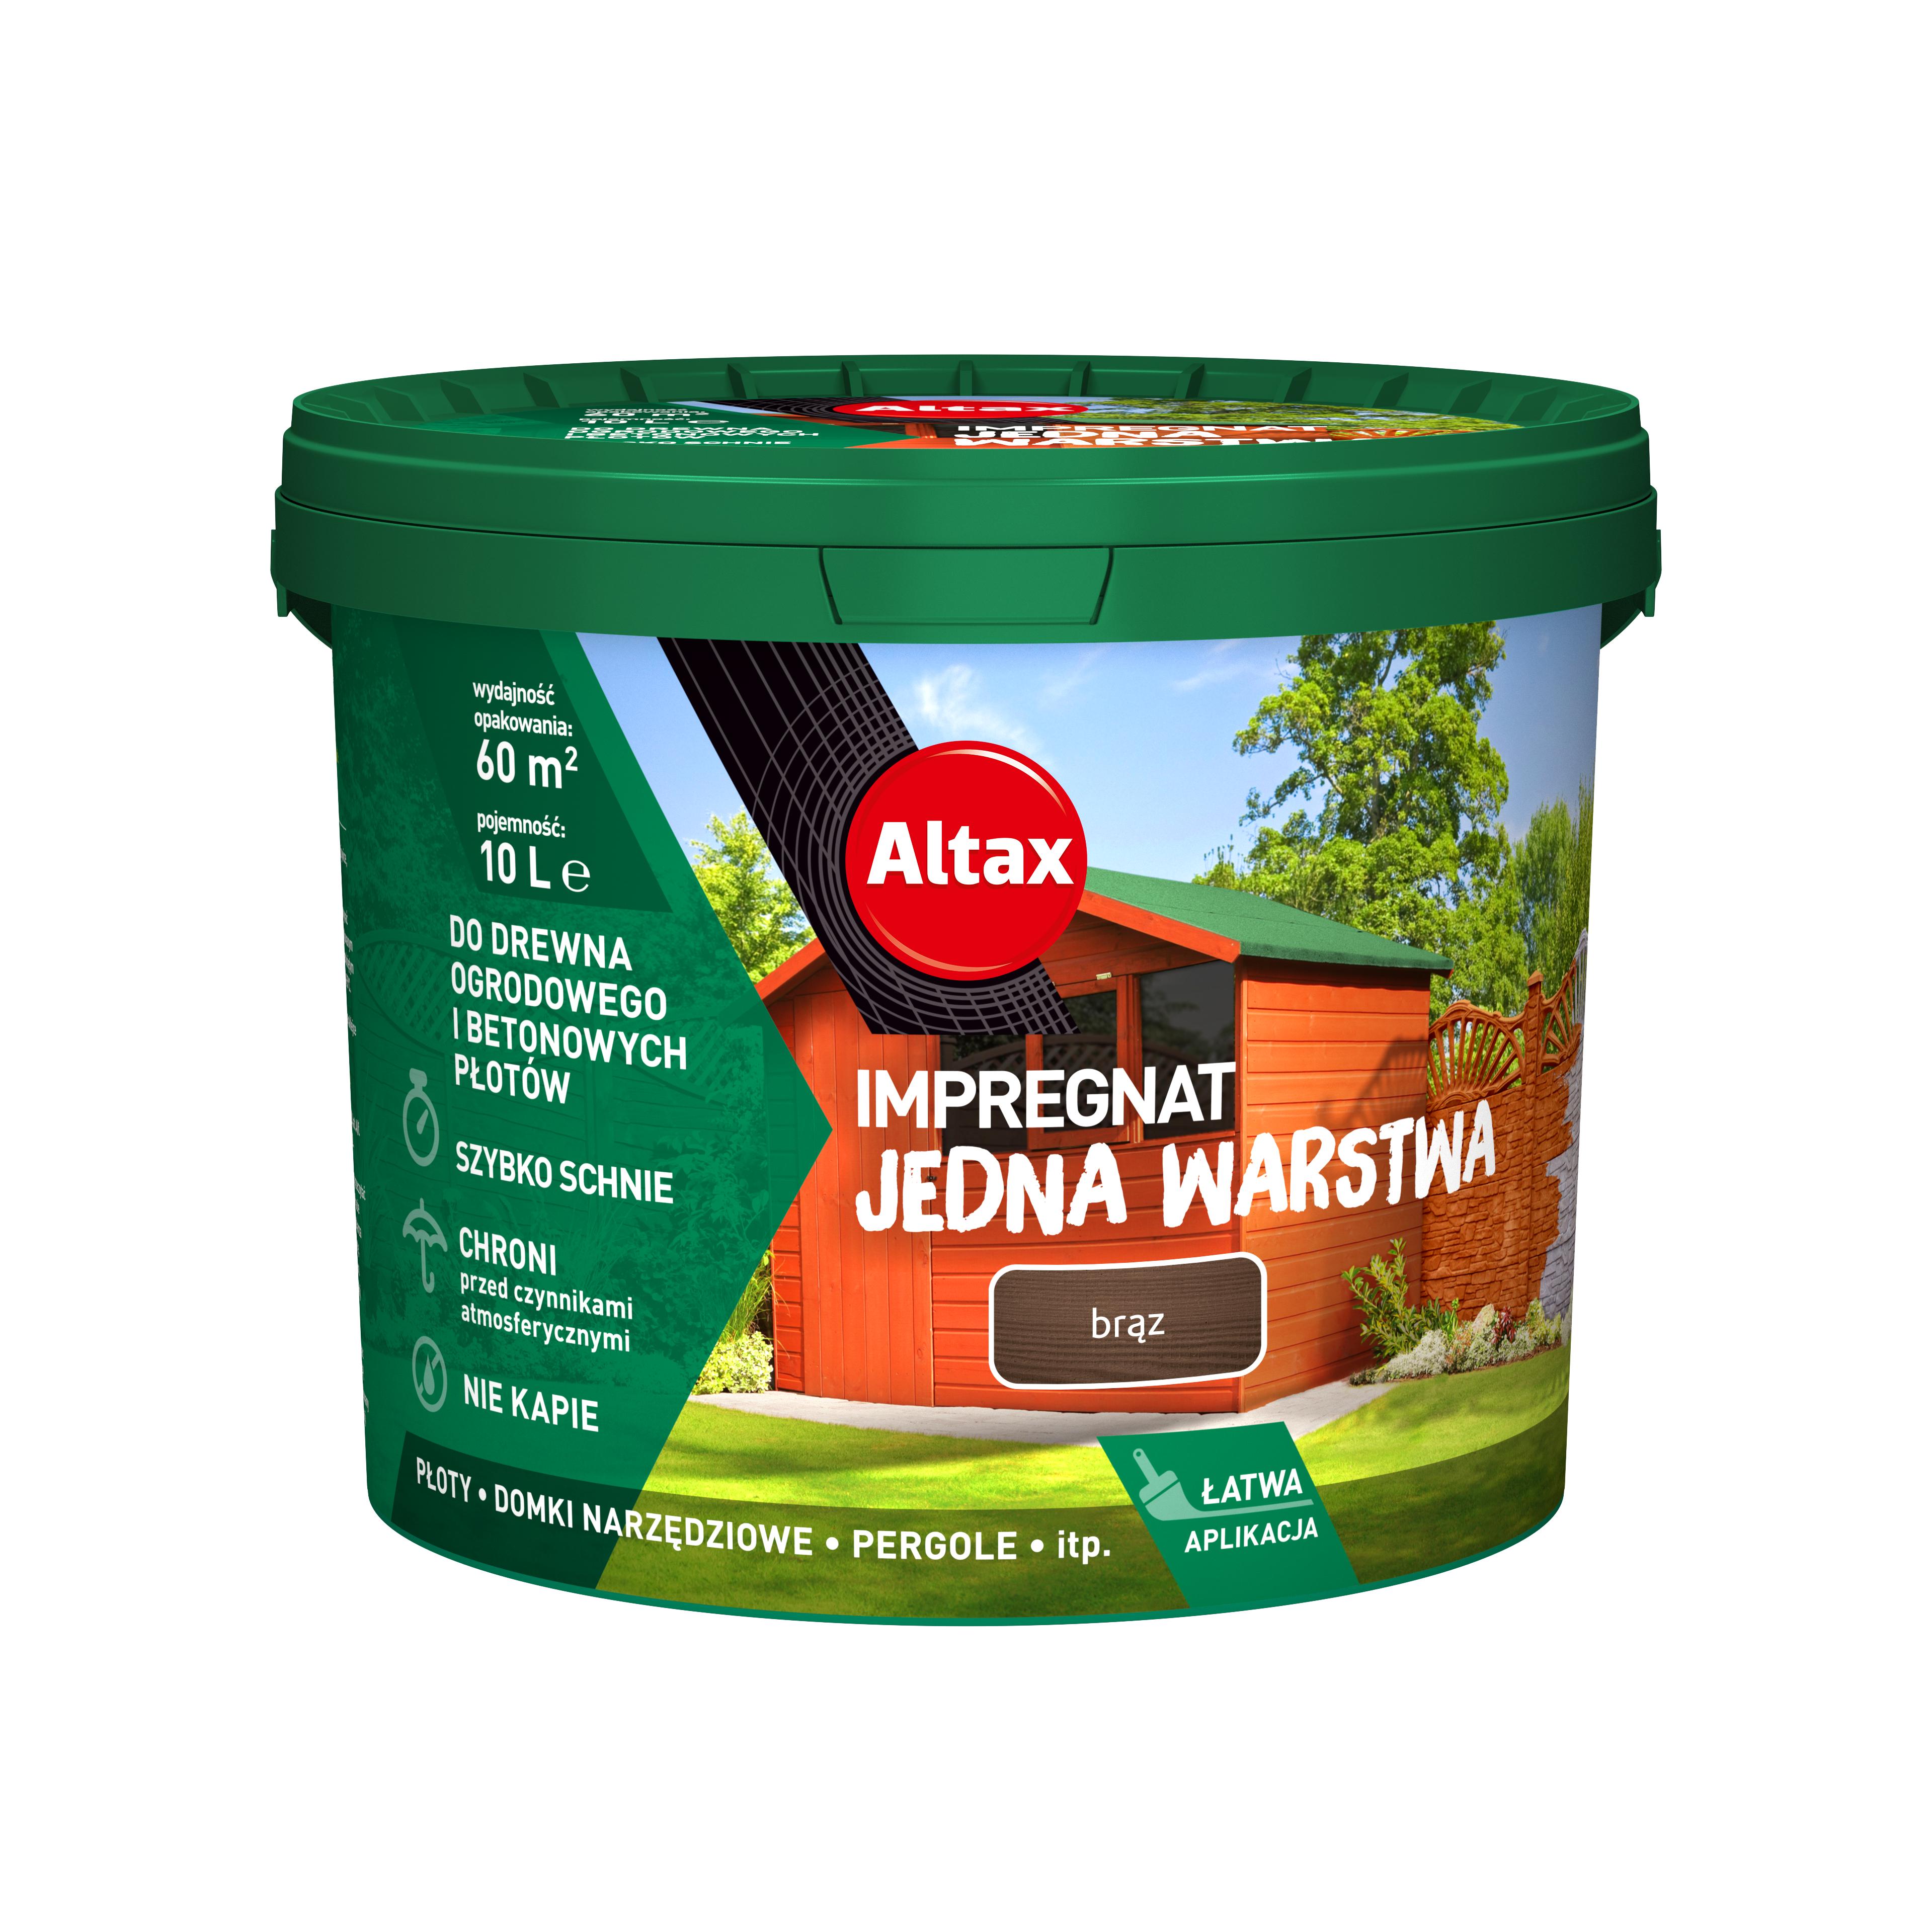 Altax Impregnat Do Drewna Ogrodowego Jedna Warstwa 10L Brąz